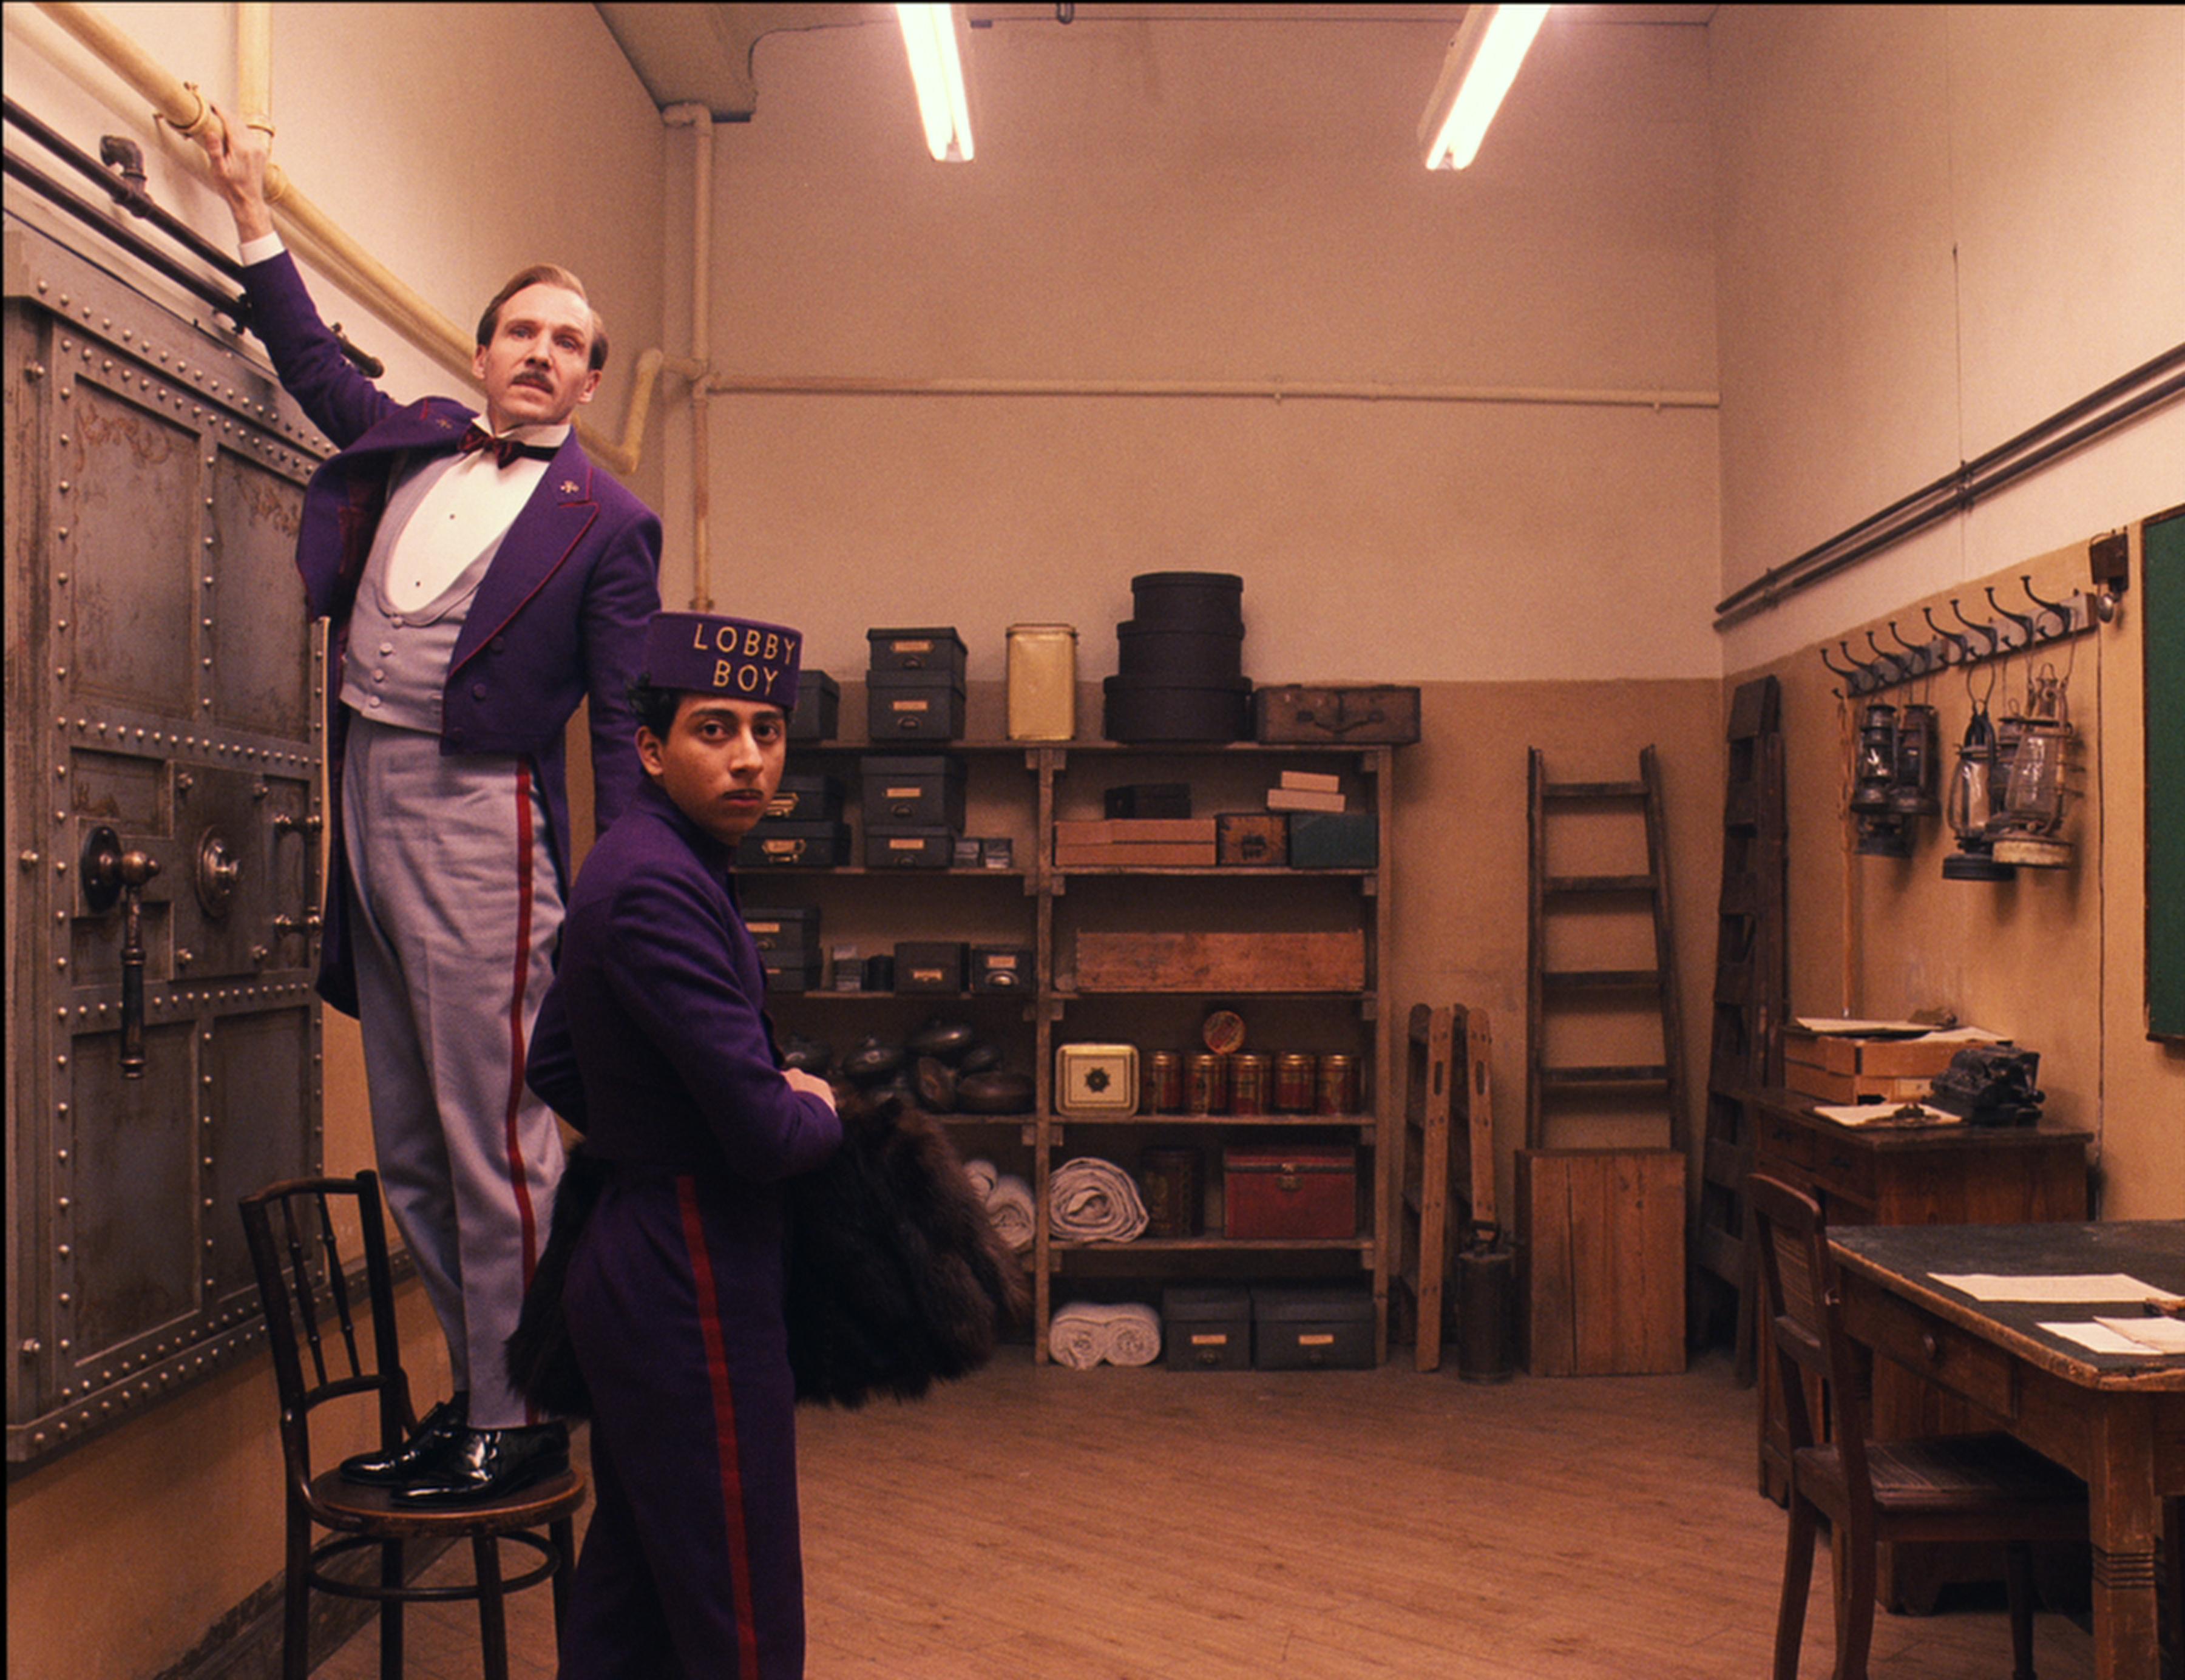 Filmska srečanja ob kavi: posnetek pogovora ob filmu Grand Budapest hotel